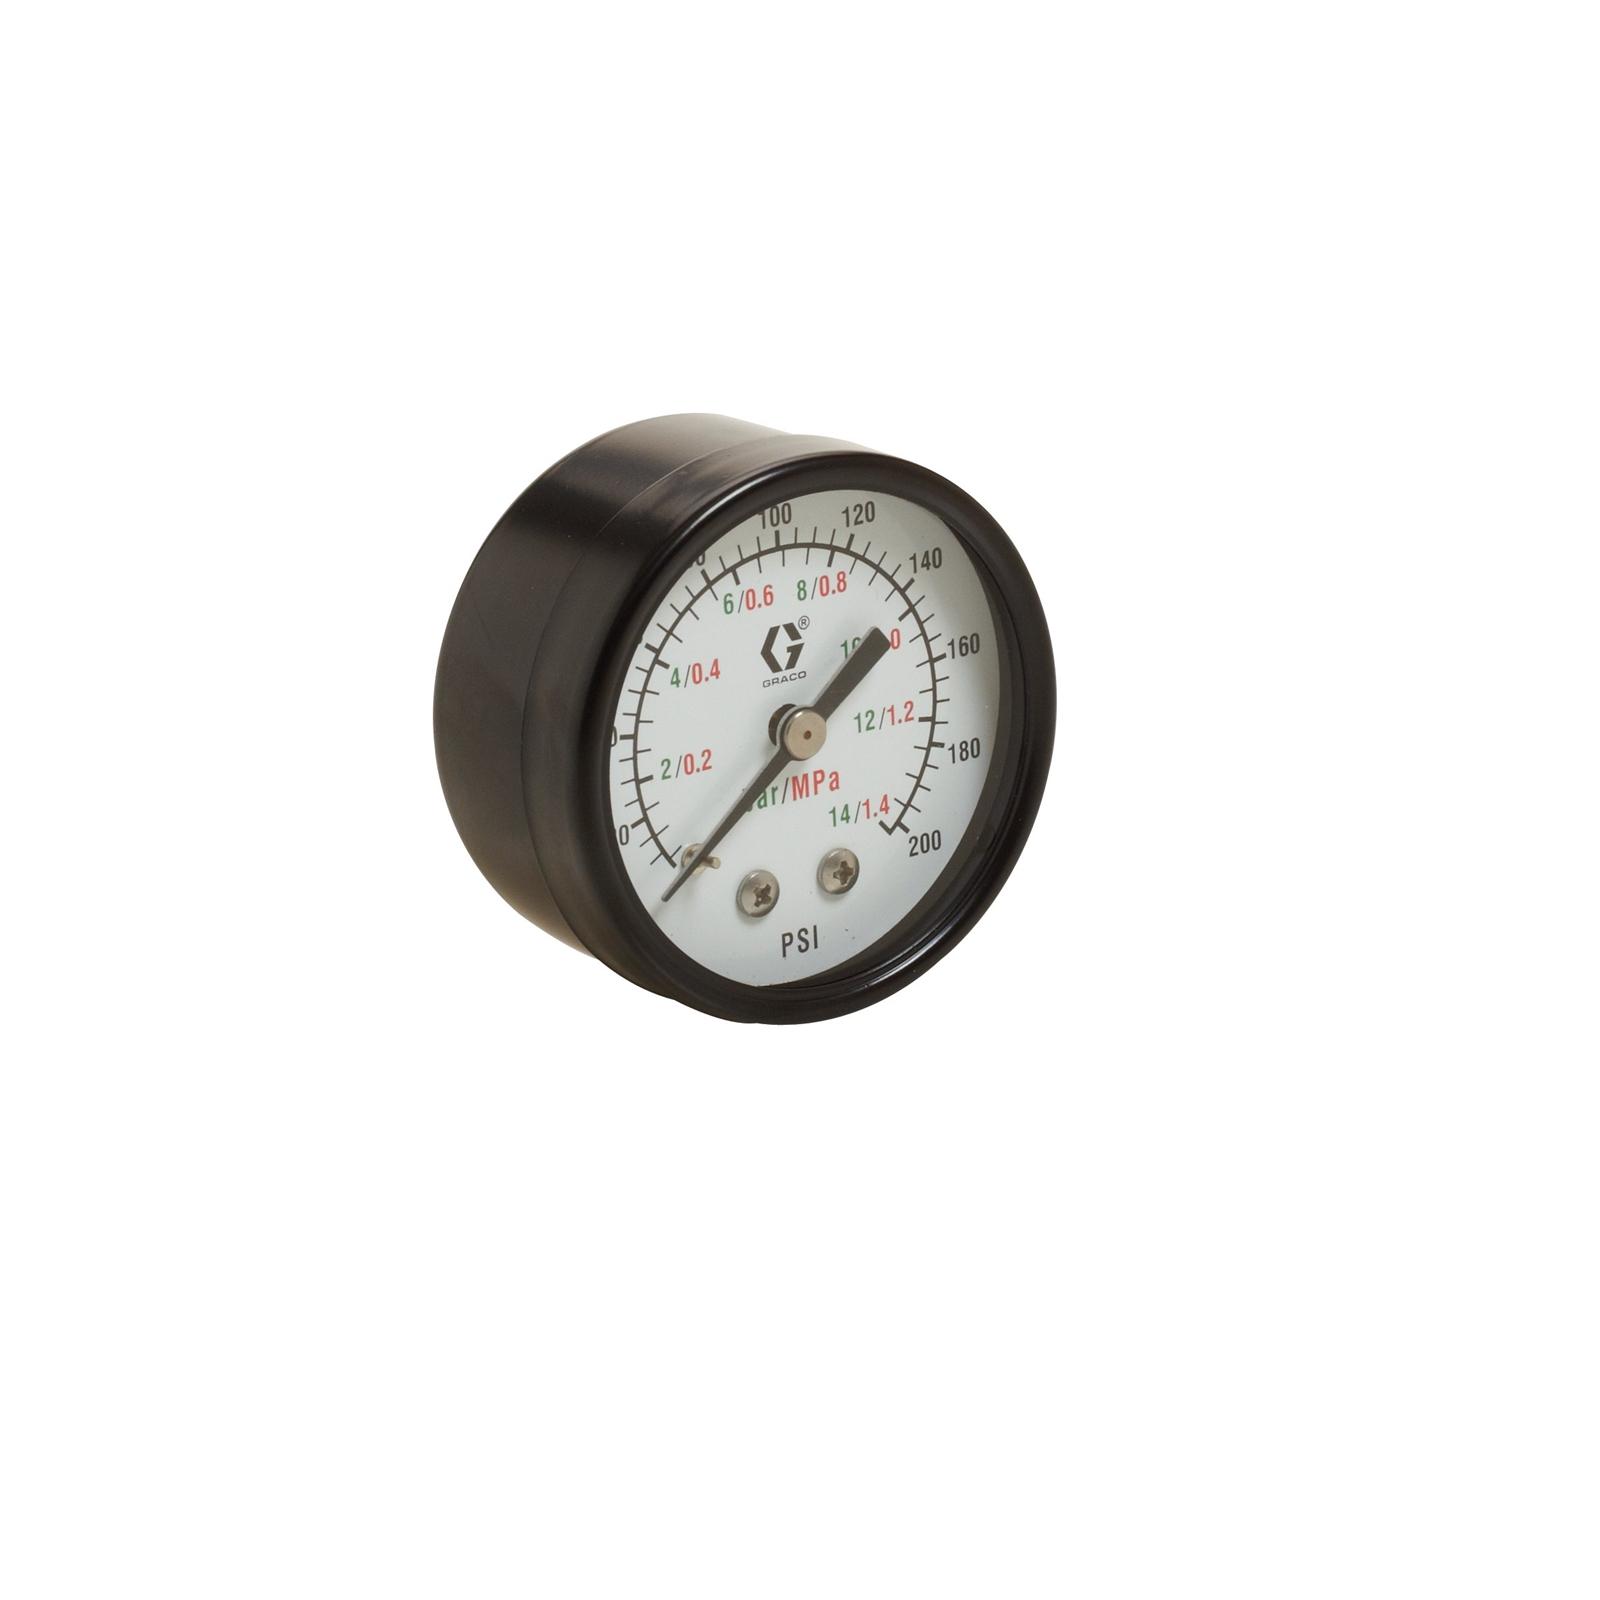 Low Pressure Air Gauge, back mount, 0-100 psi (0-7 bar